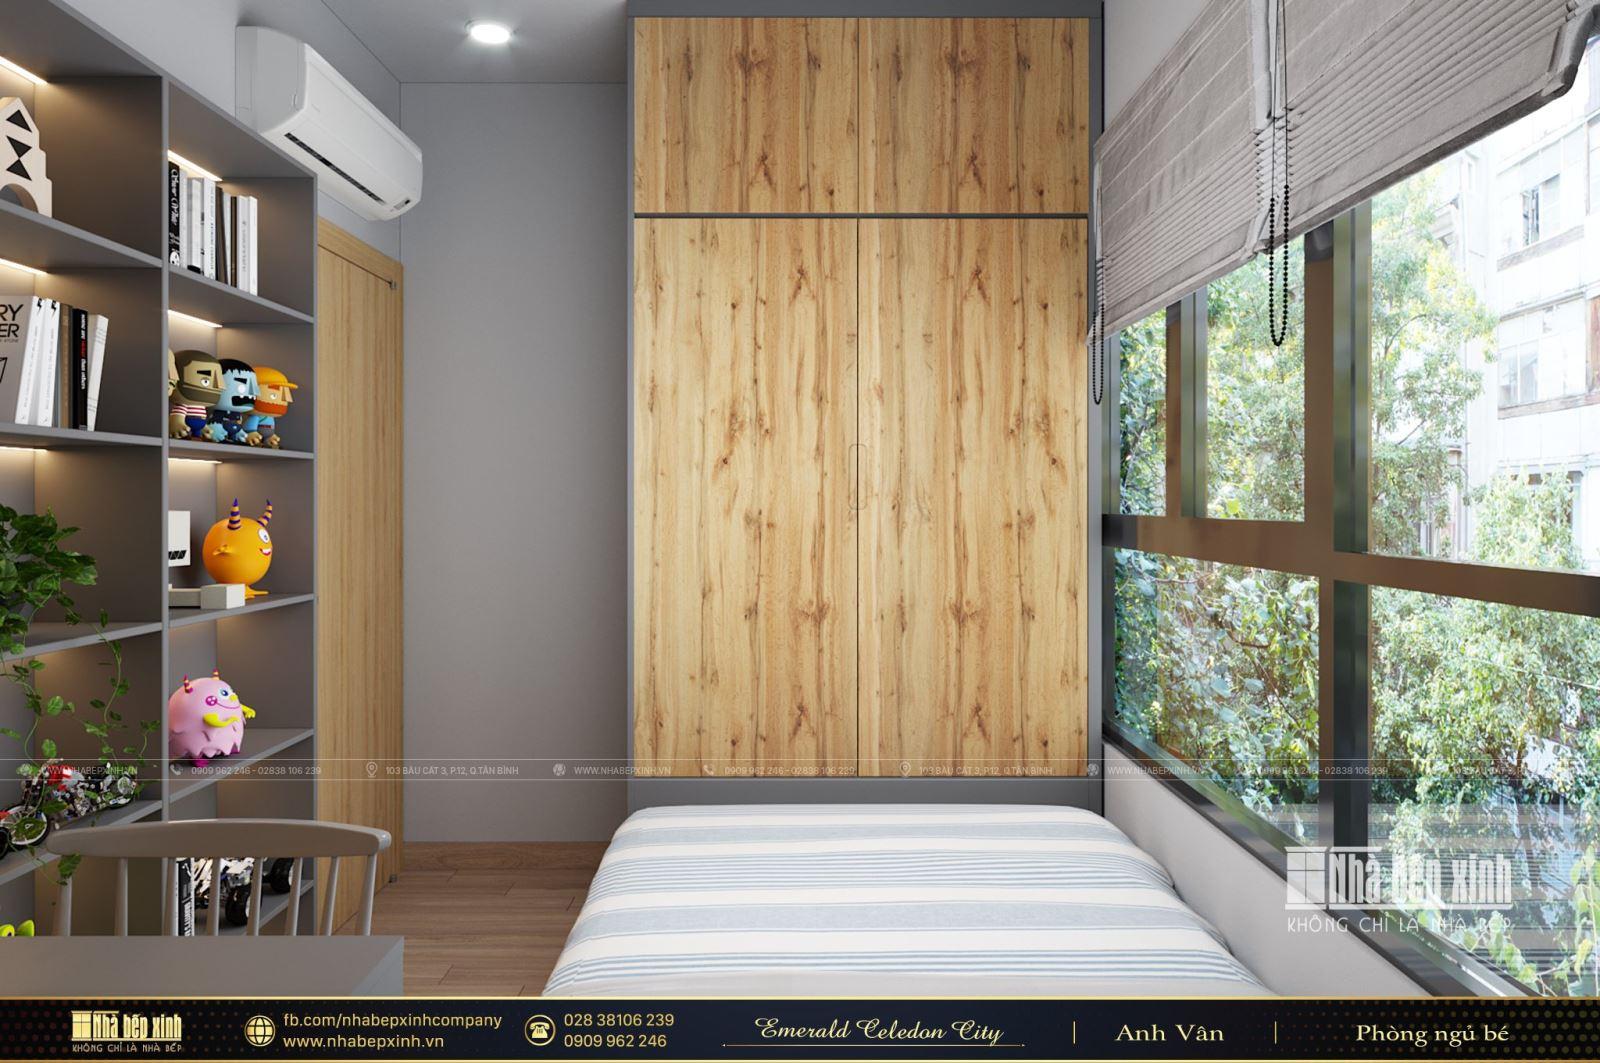 Thiết kế phòng ngủ hiện đại cho bé trai tại Emerald Celadon City 84m2